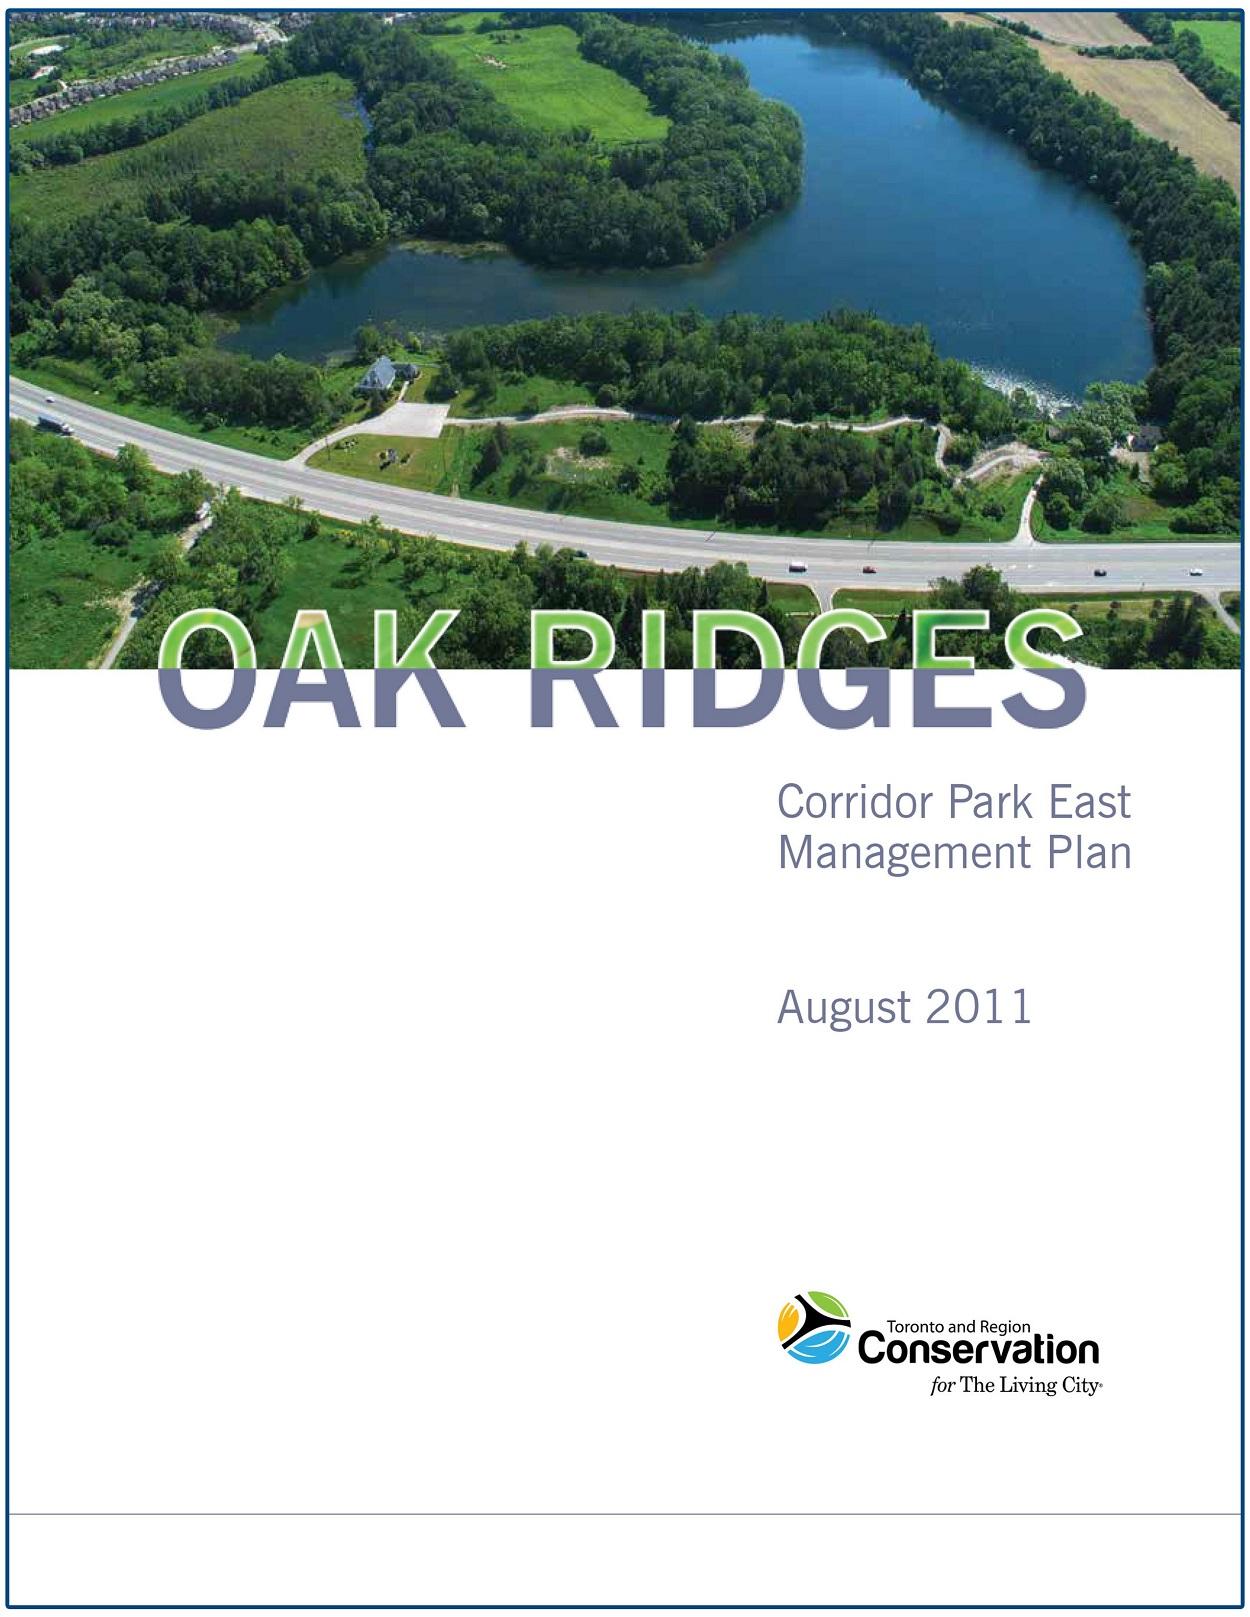 Oak Ridges Corridor Park East Management Plan - 2011